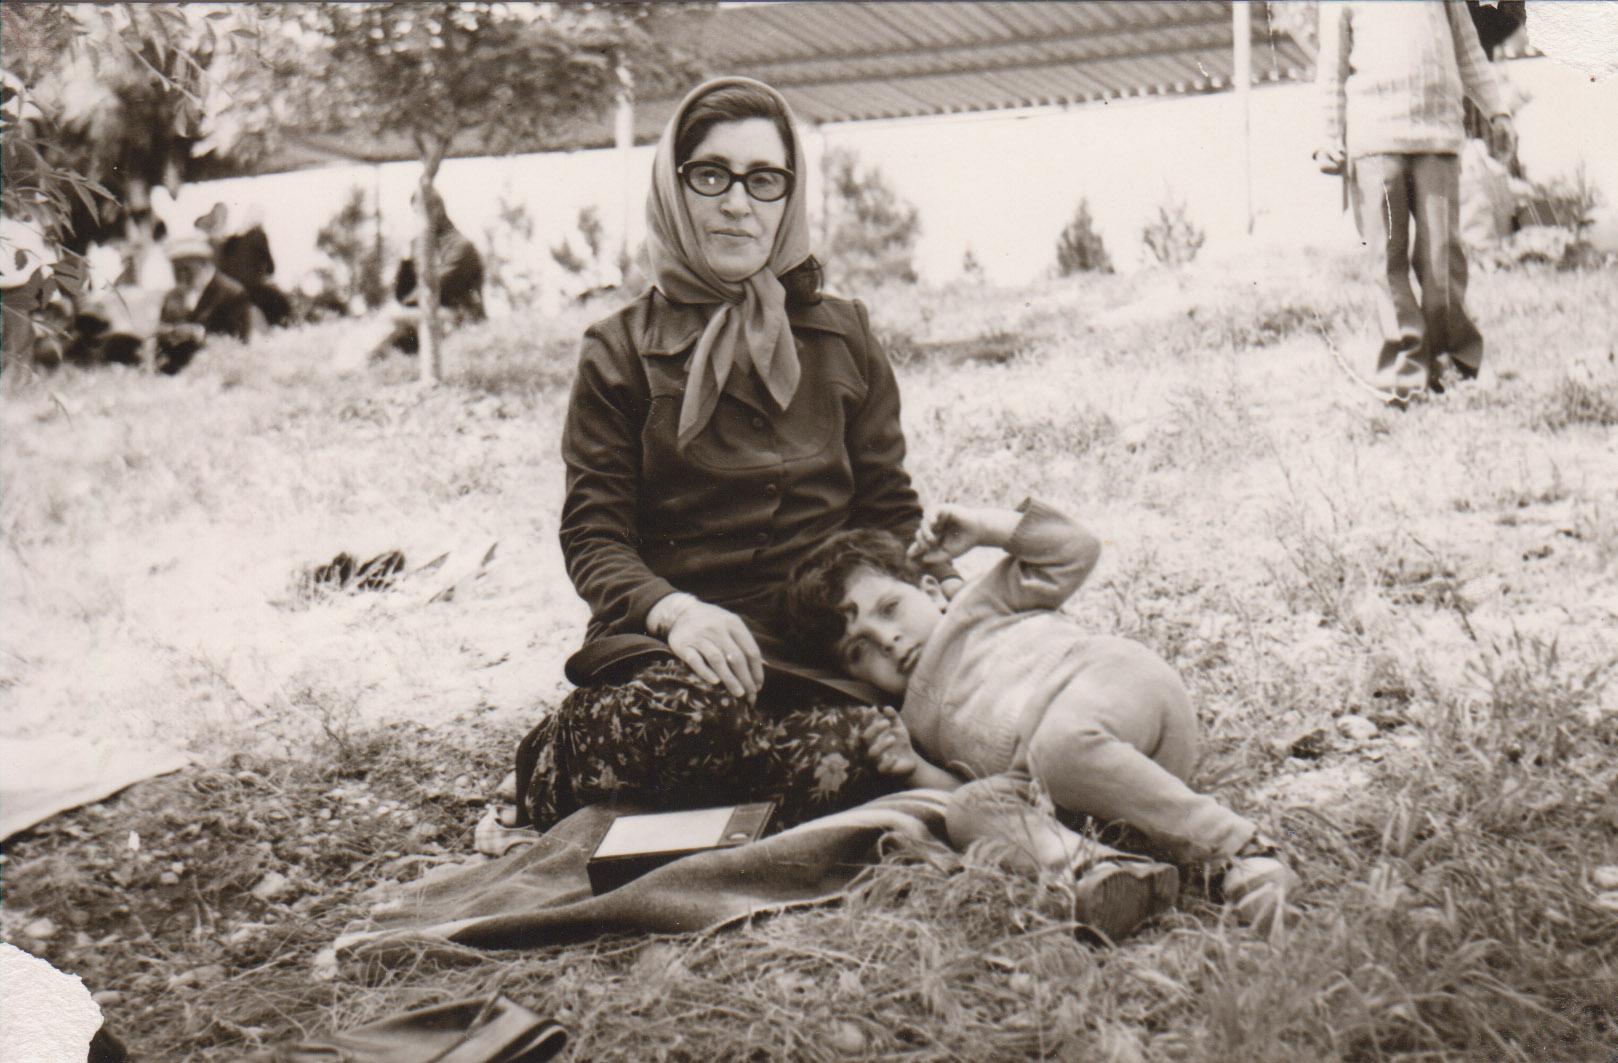 Moje matka Zilhan Uzunoglu se svým vnukem Brusk Uzunoğlu - Dayika mine rehmeti Zilhan Uzunoğlu bi neviye xwe Brusk Uzunoğlu re